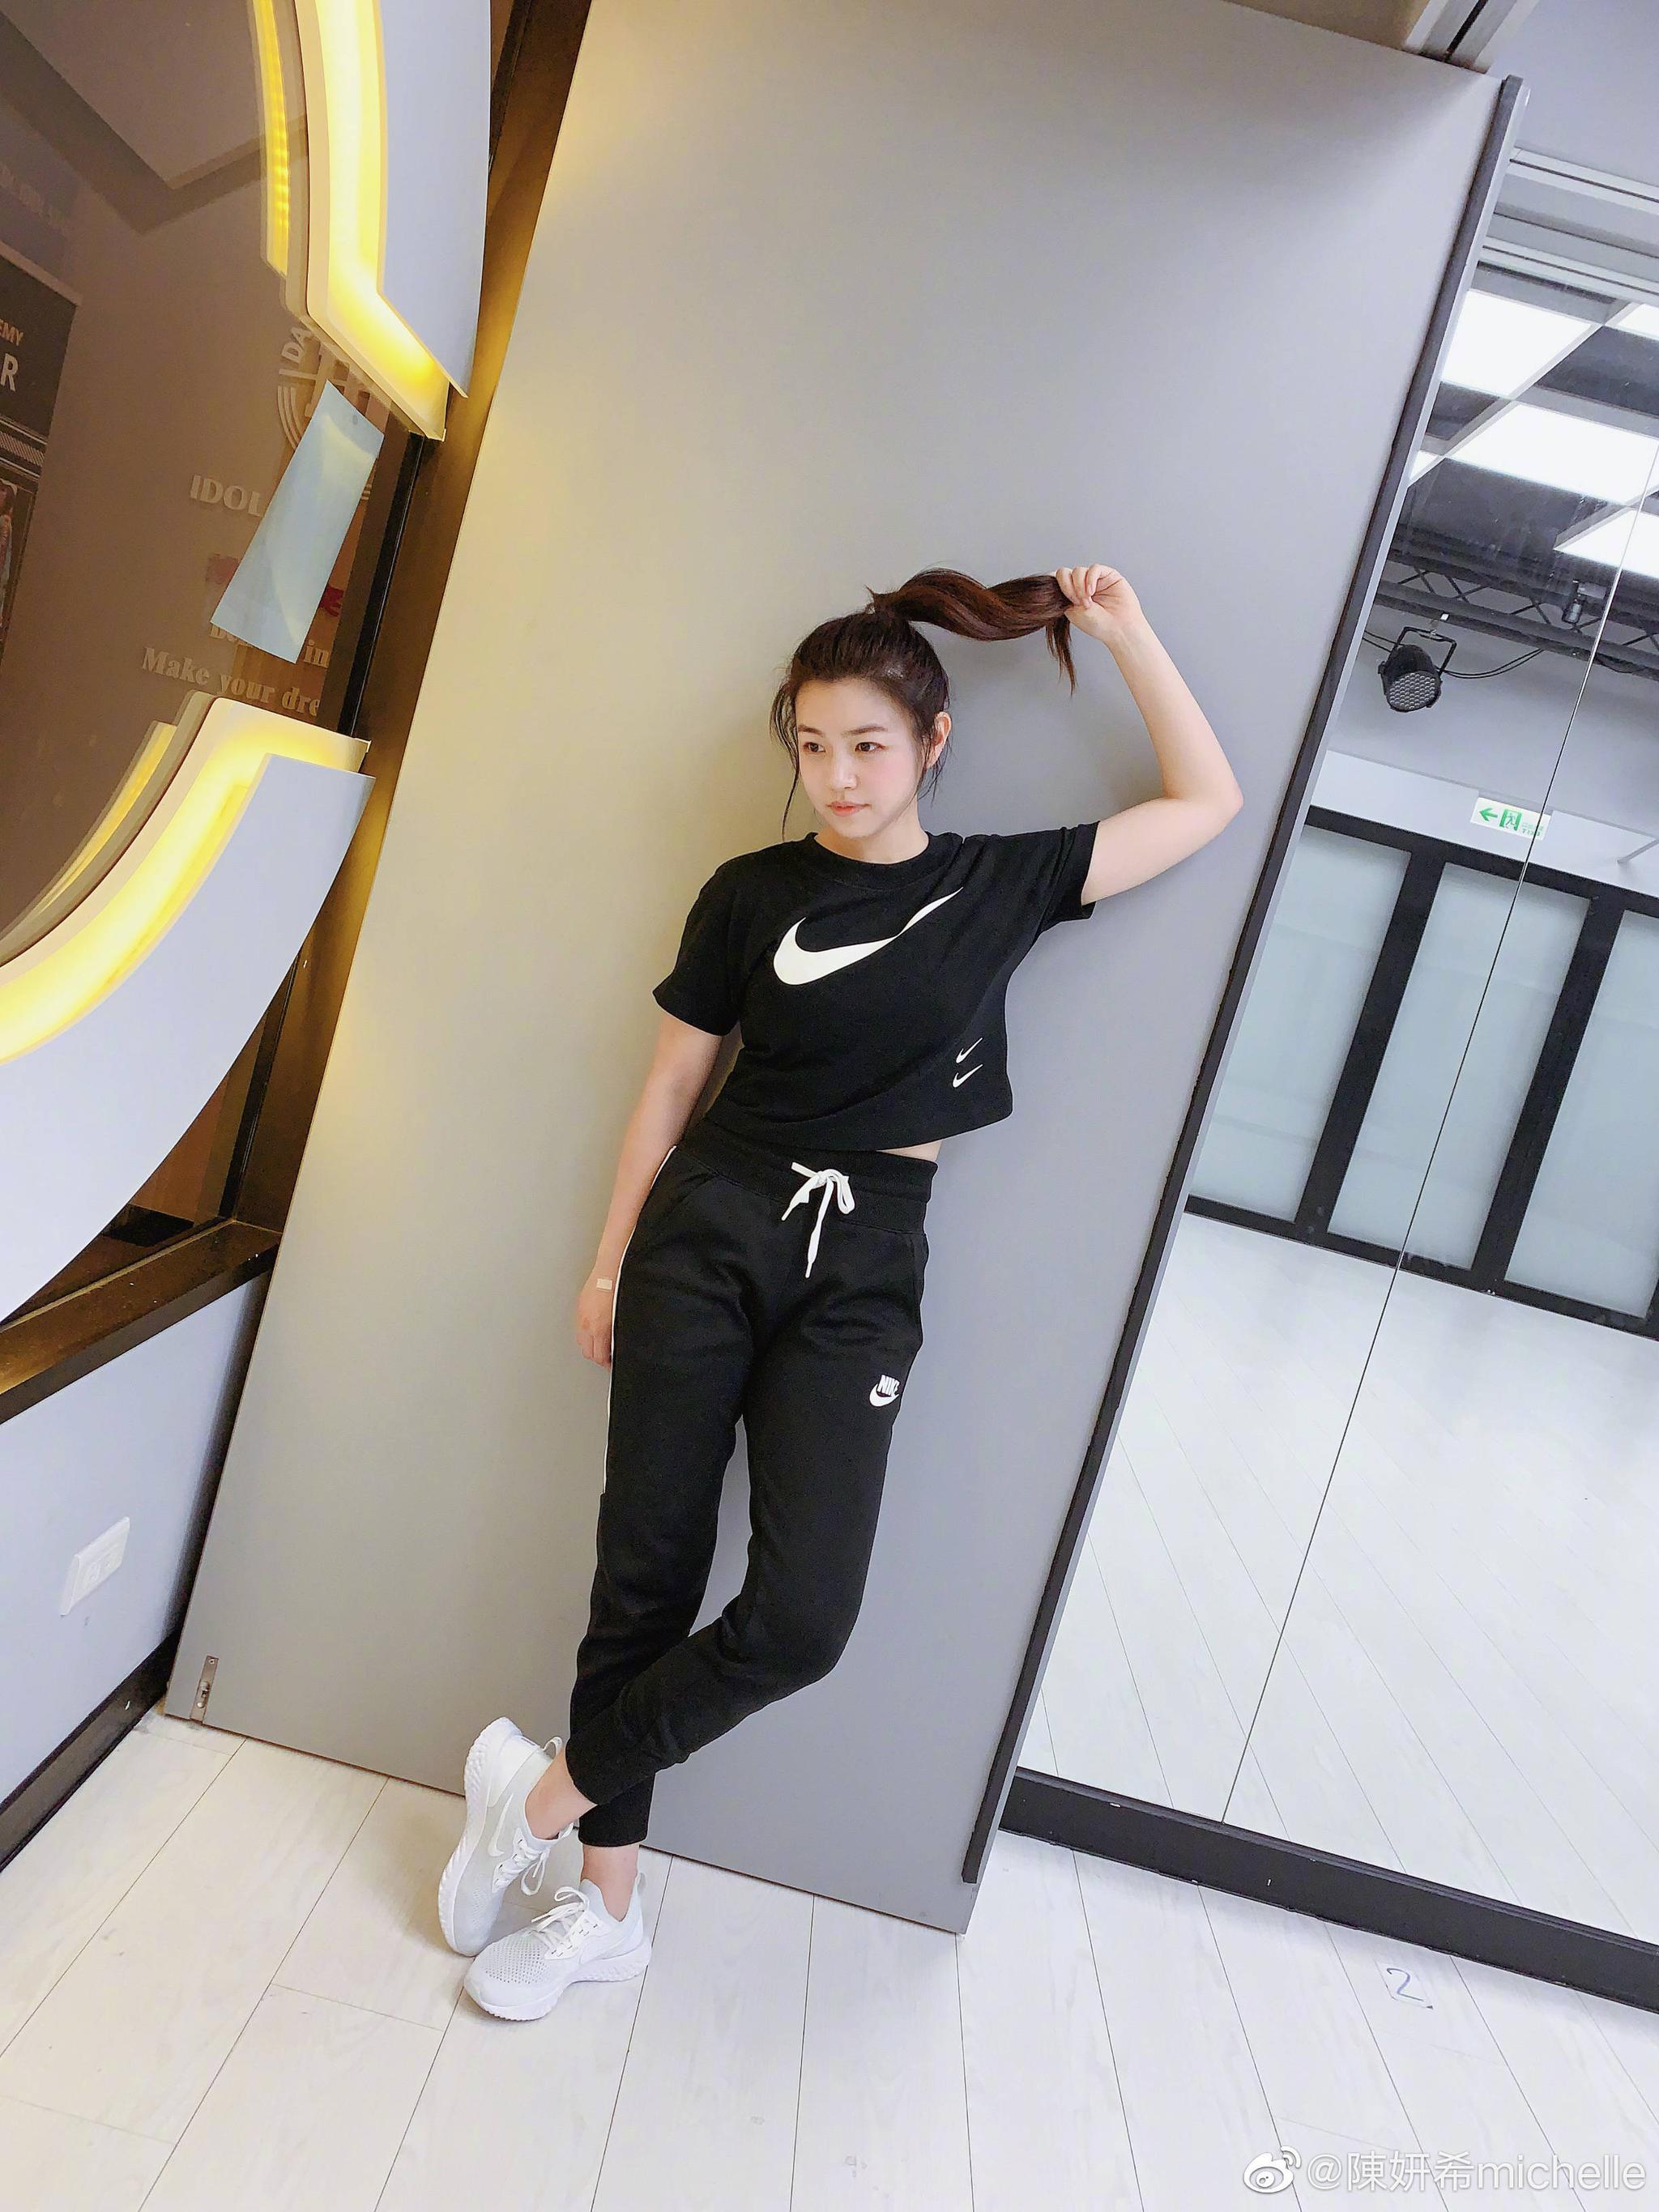 陈妍希Zumba打卡超自律 晒素颜自拍还是那么美